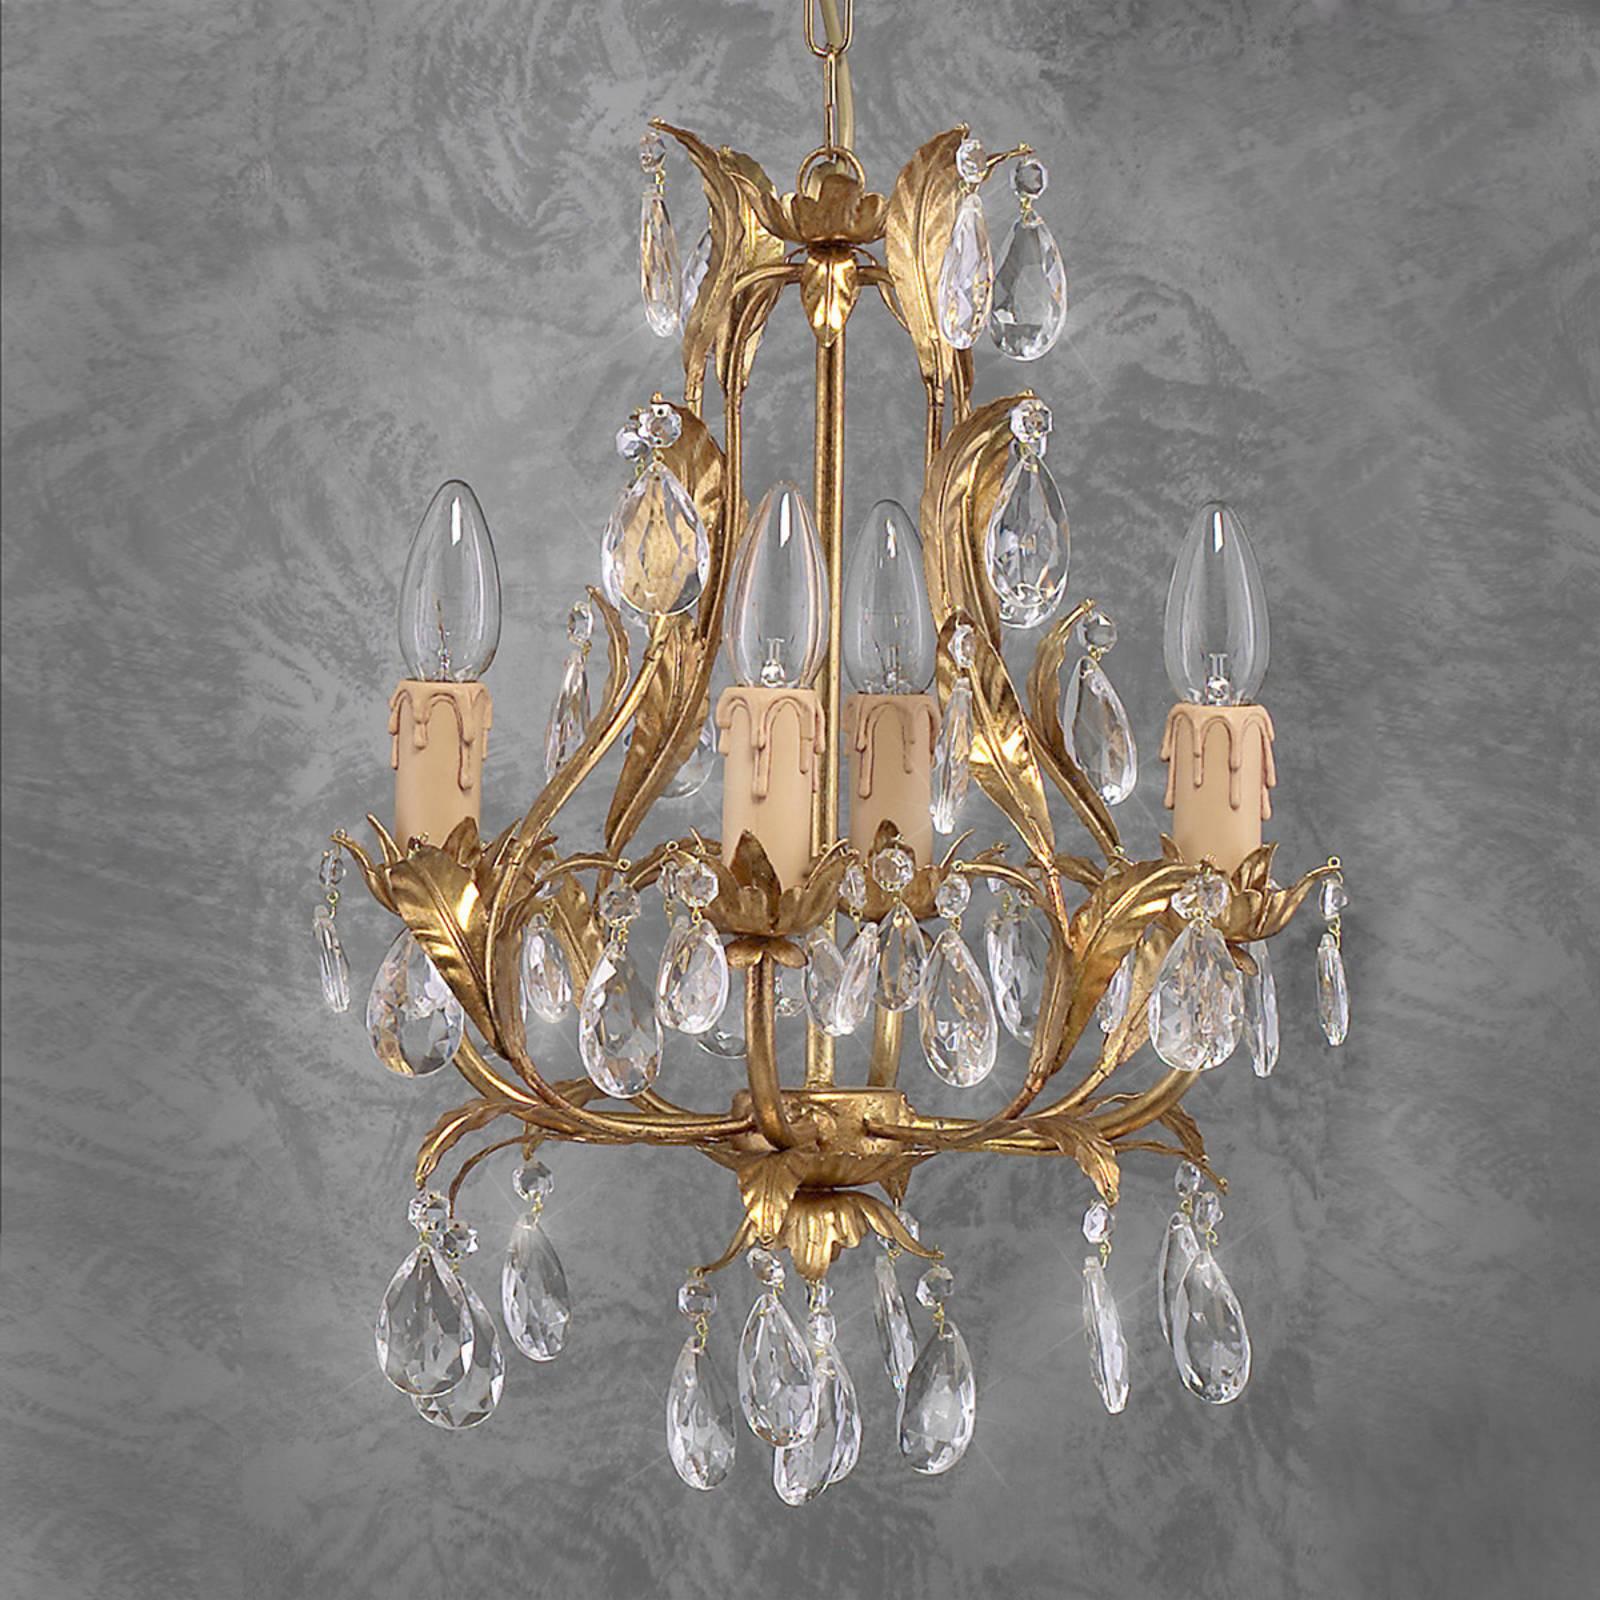 Szlachetny żyrandol PISA złoty szkło